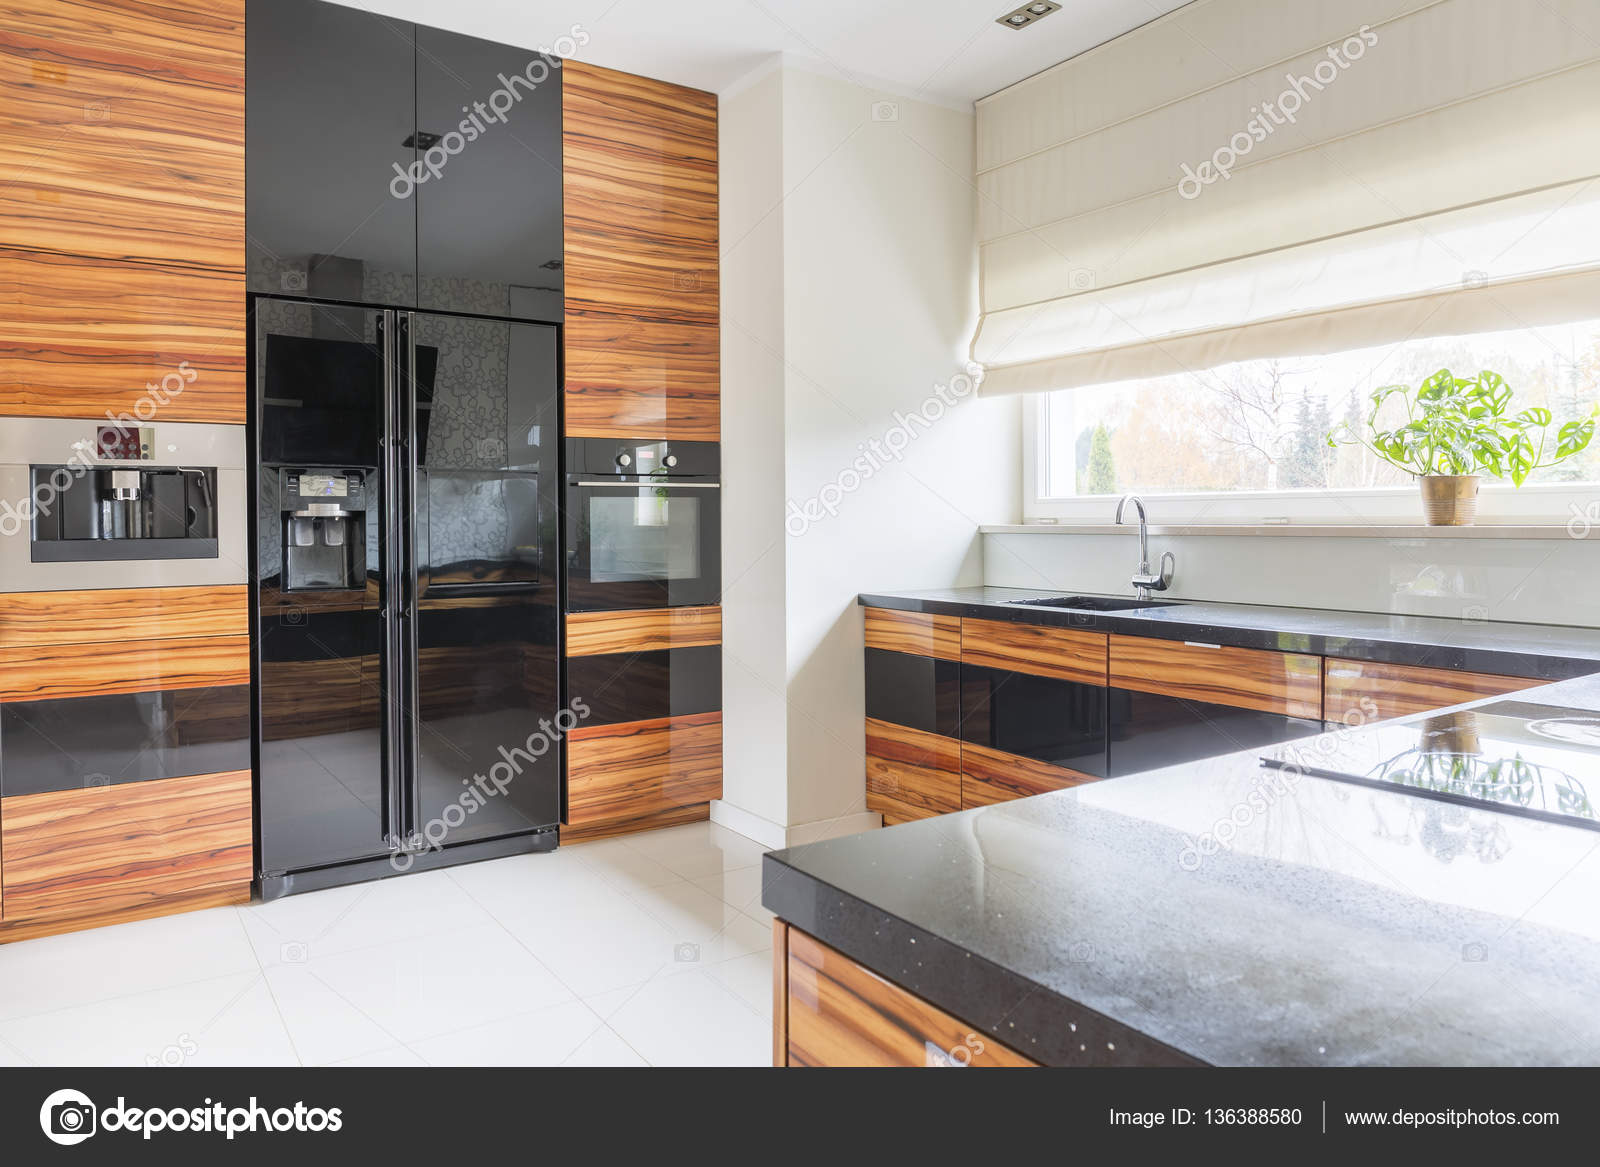 Kuchnia Z Czarny Marmurowy Blat Kuchenny Zdjęcie Stockowe